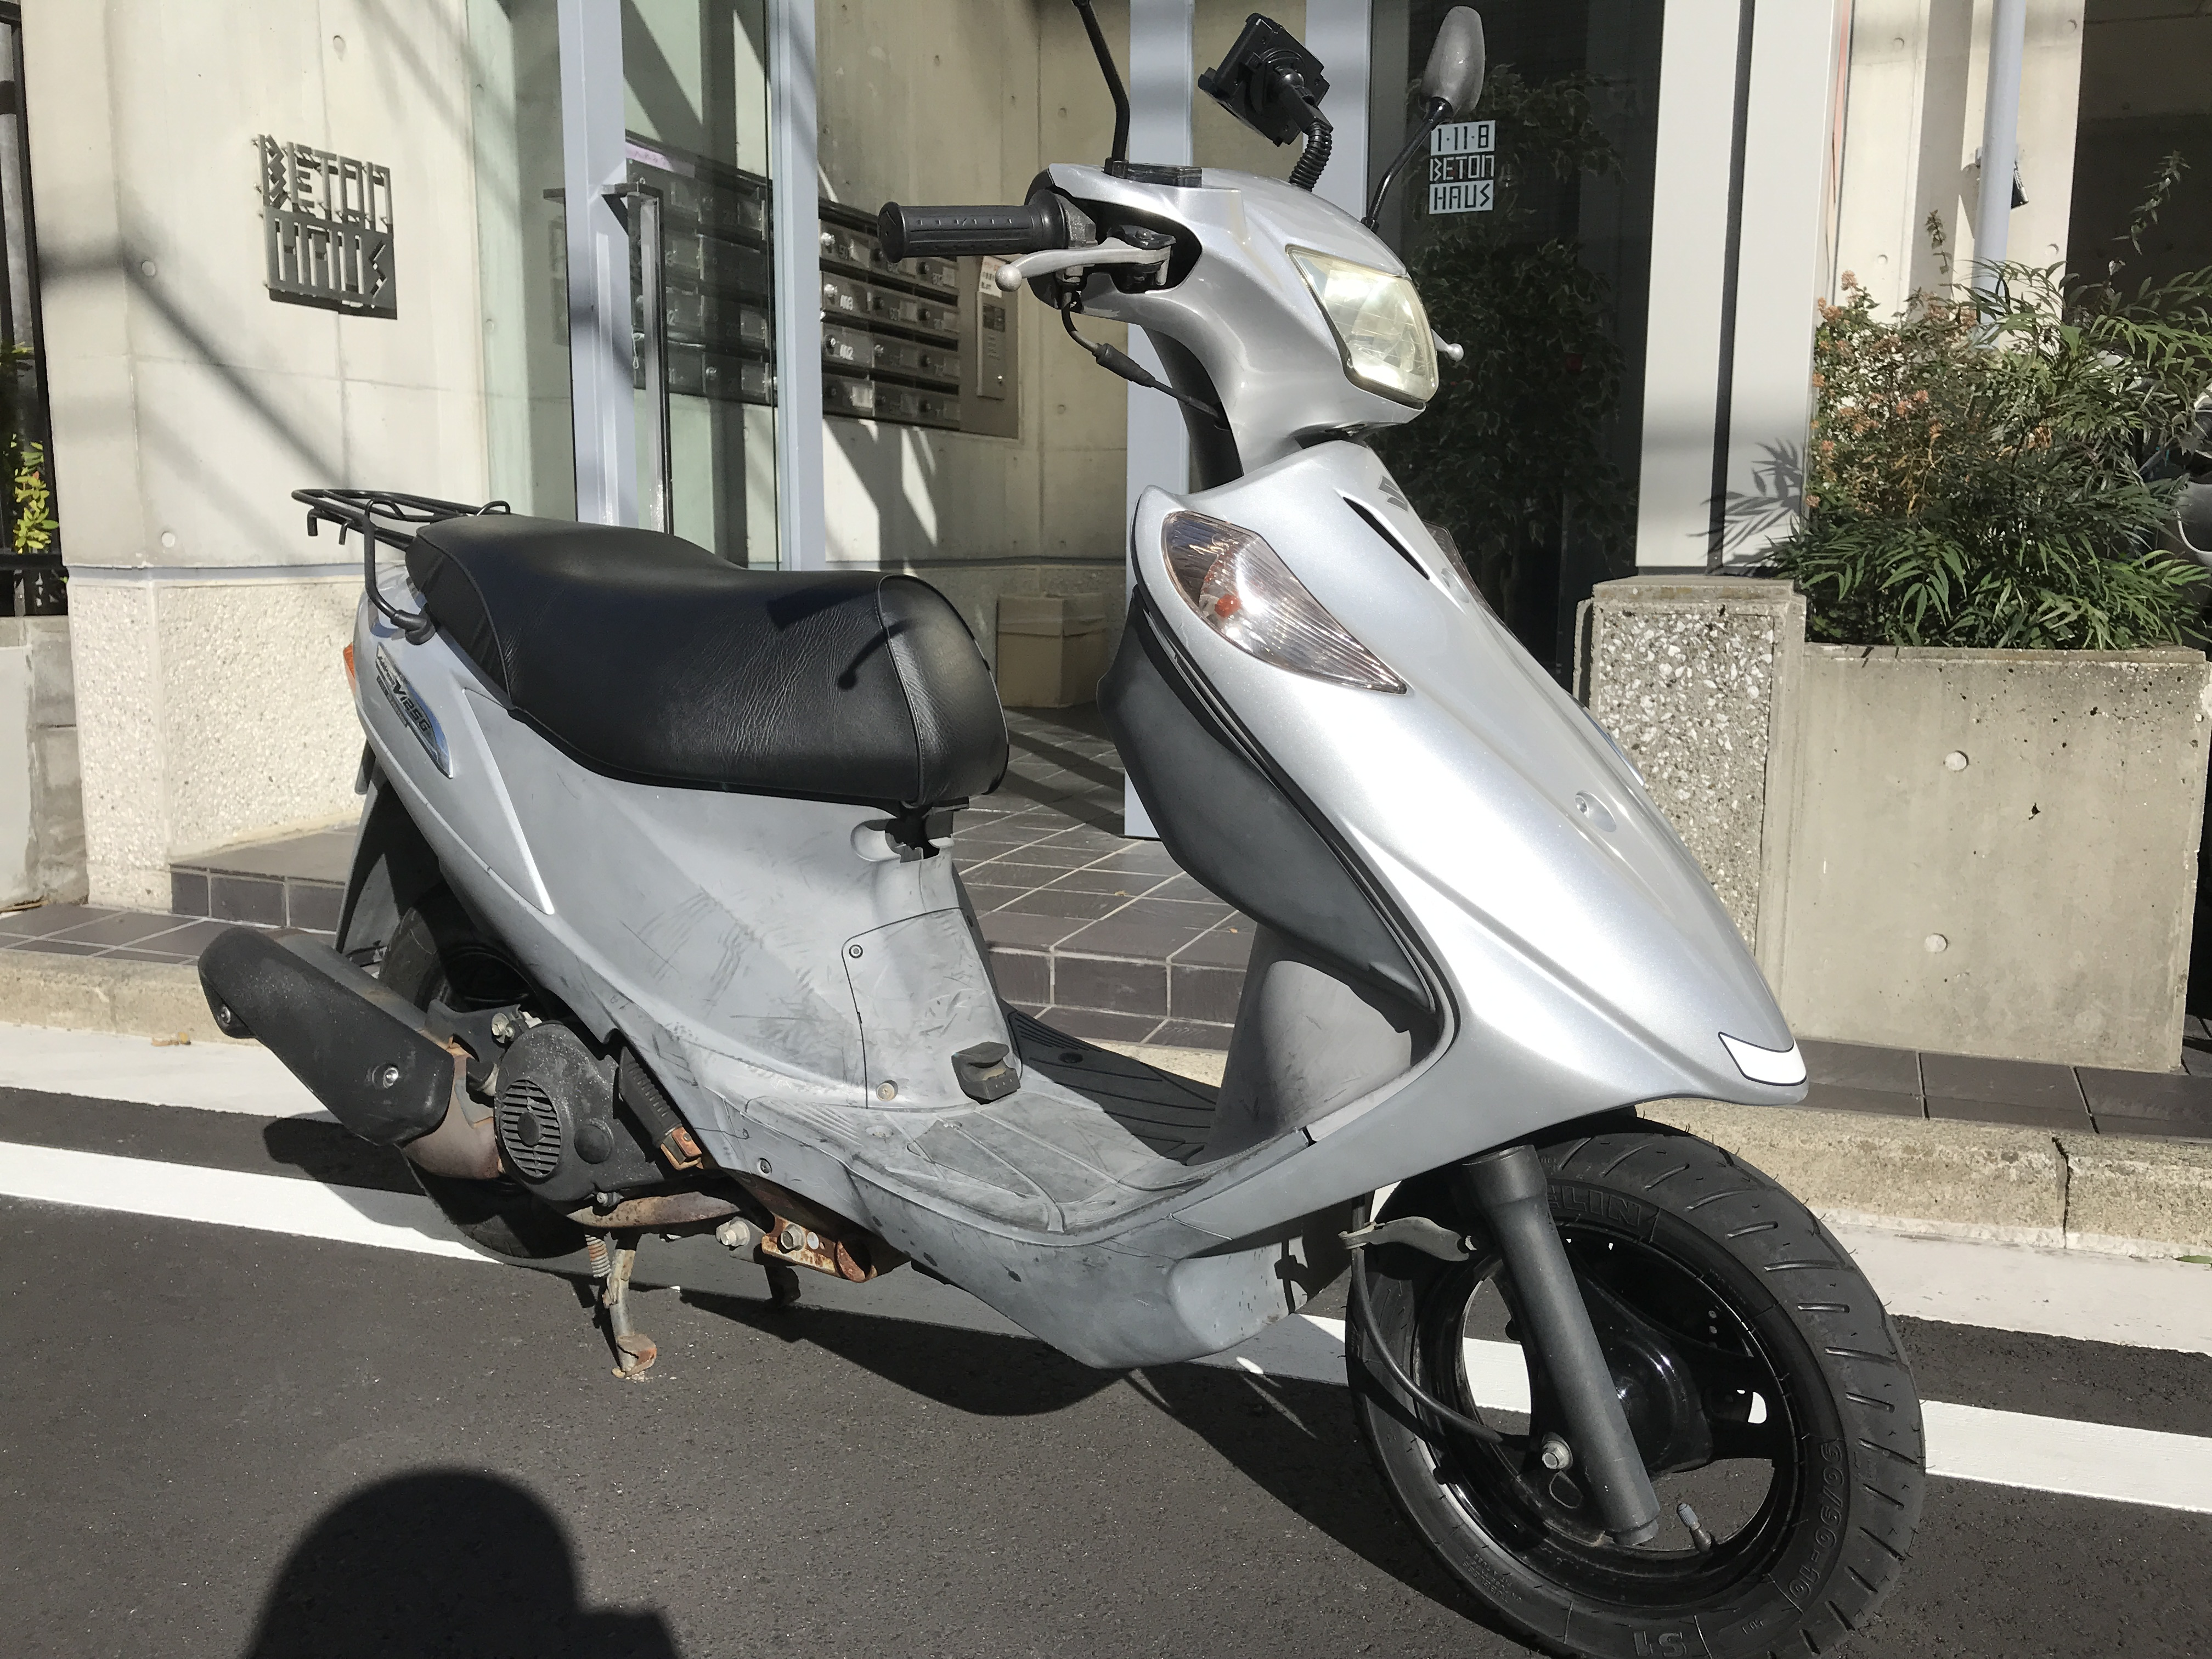 アドレスV125G (HN-00) - 【公式】レンタルバイクのベストBike® 仲町台駅前